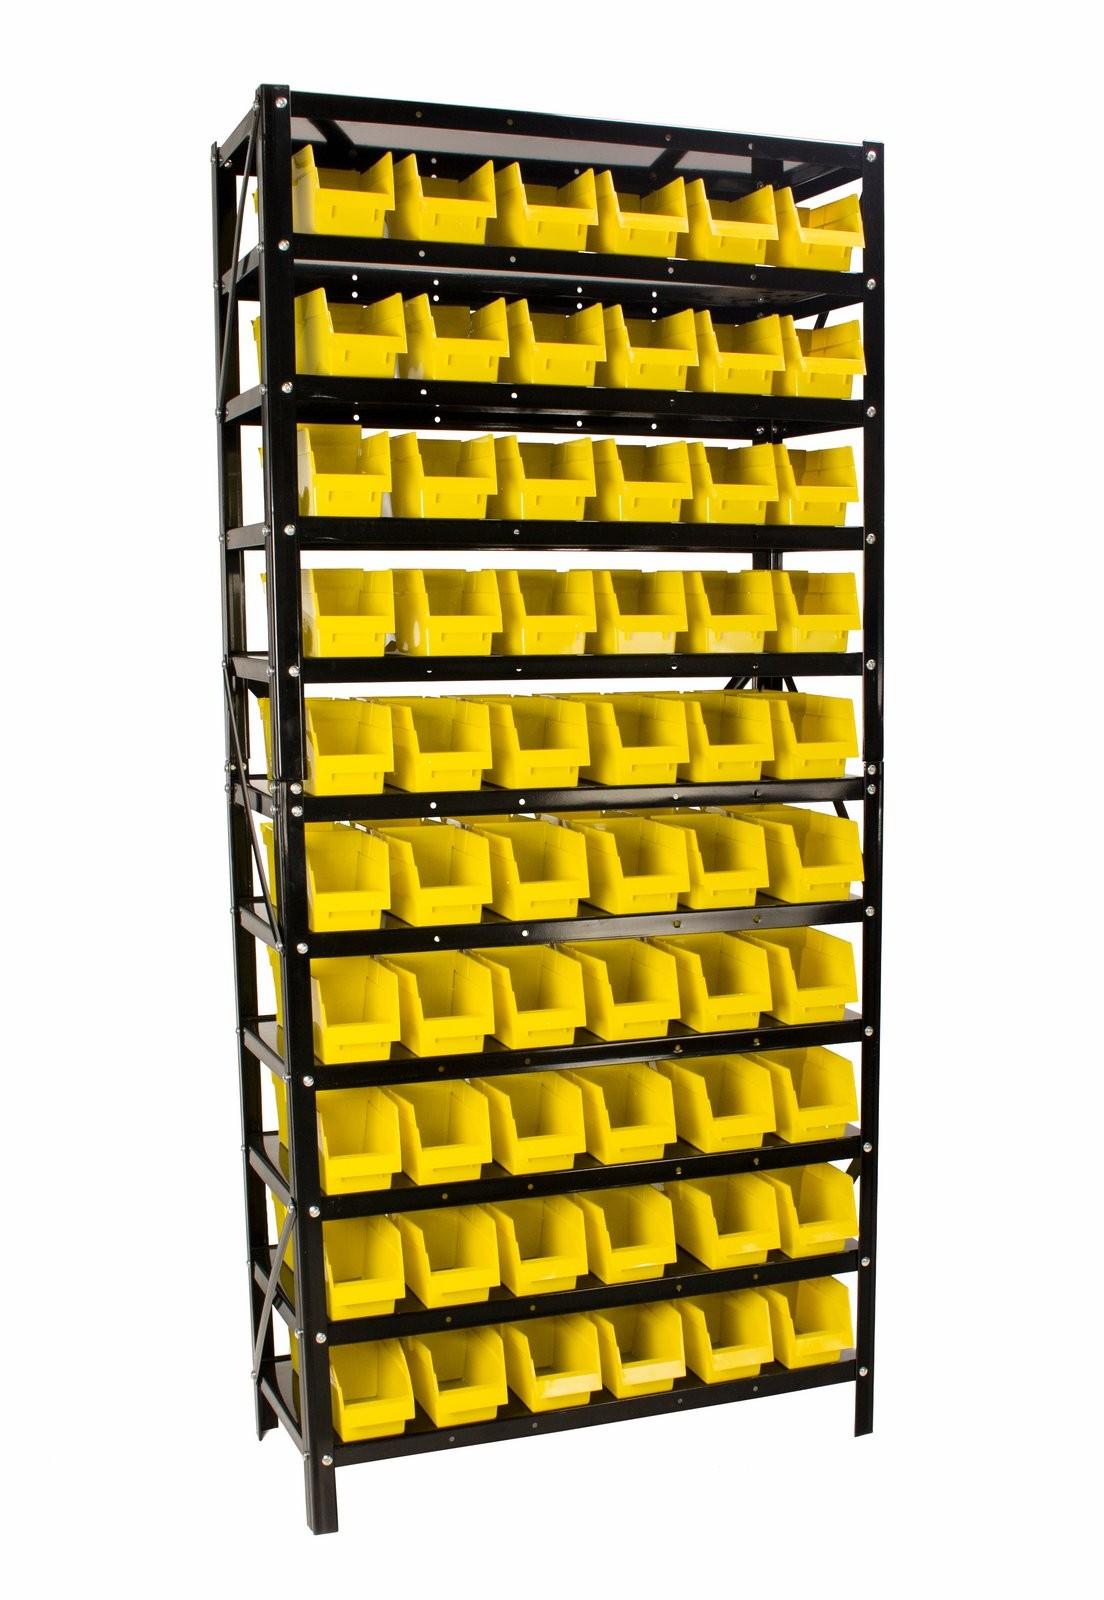 Erie Tools 60 Bin Parts Rack Storage Organizer